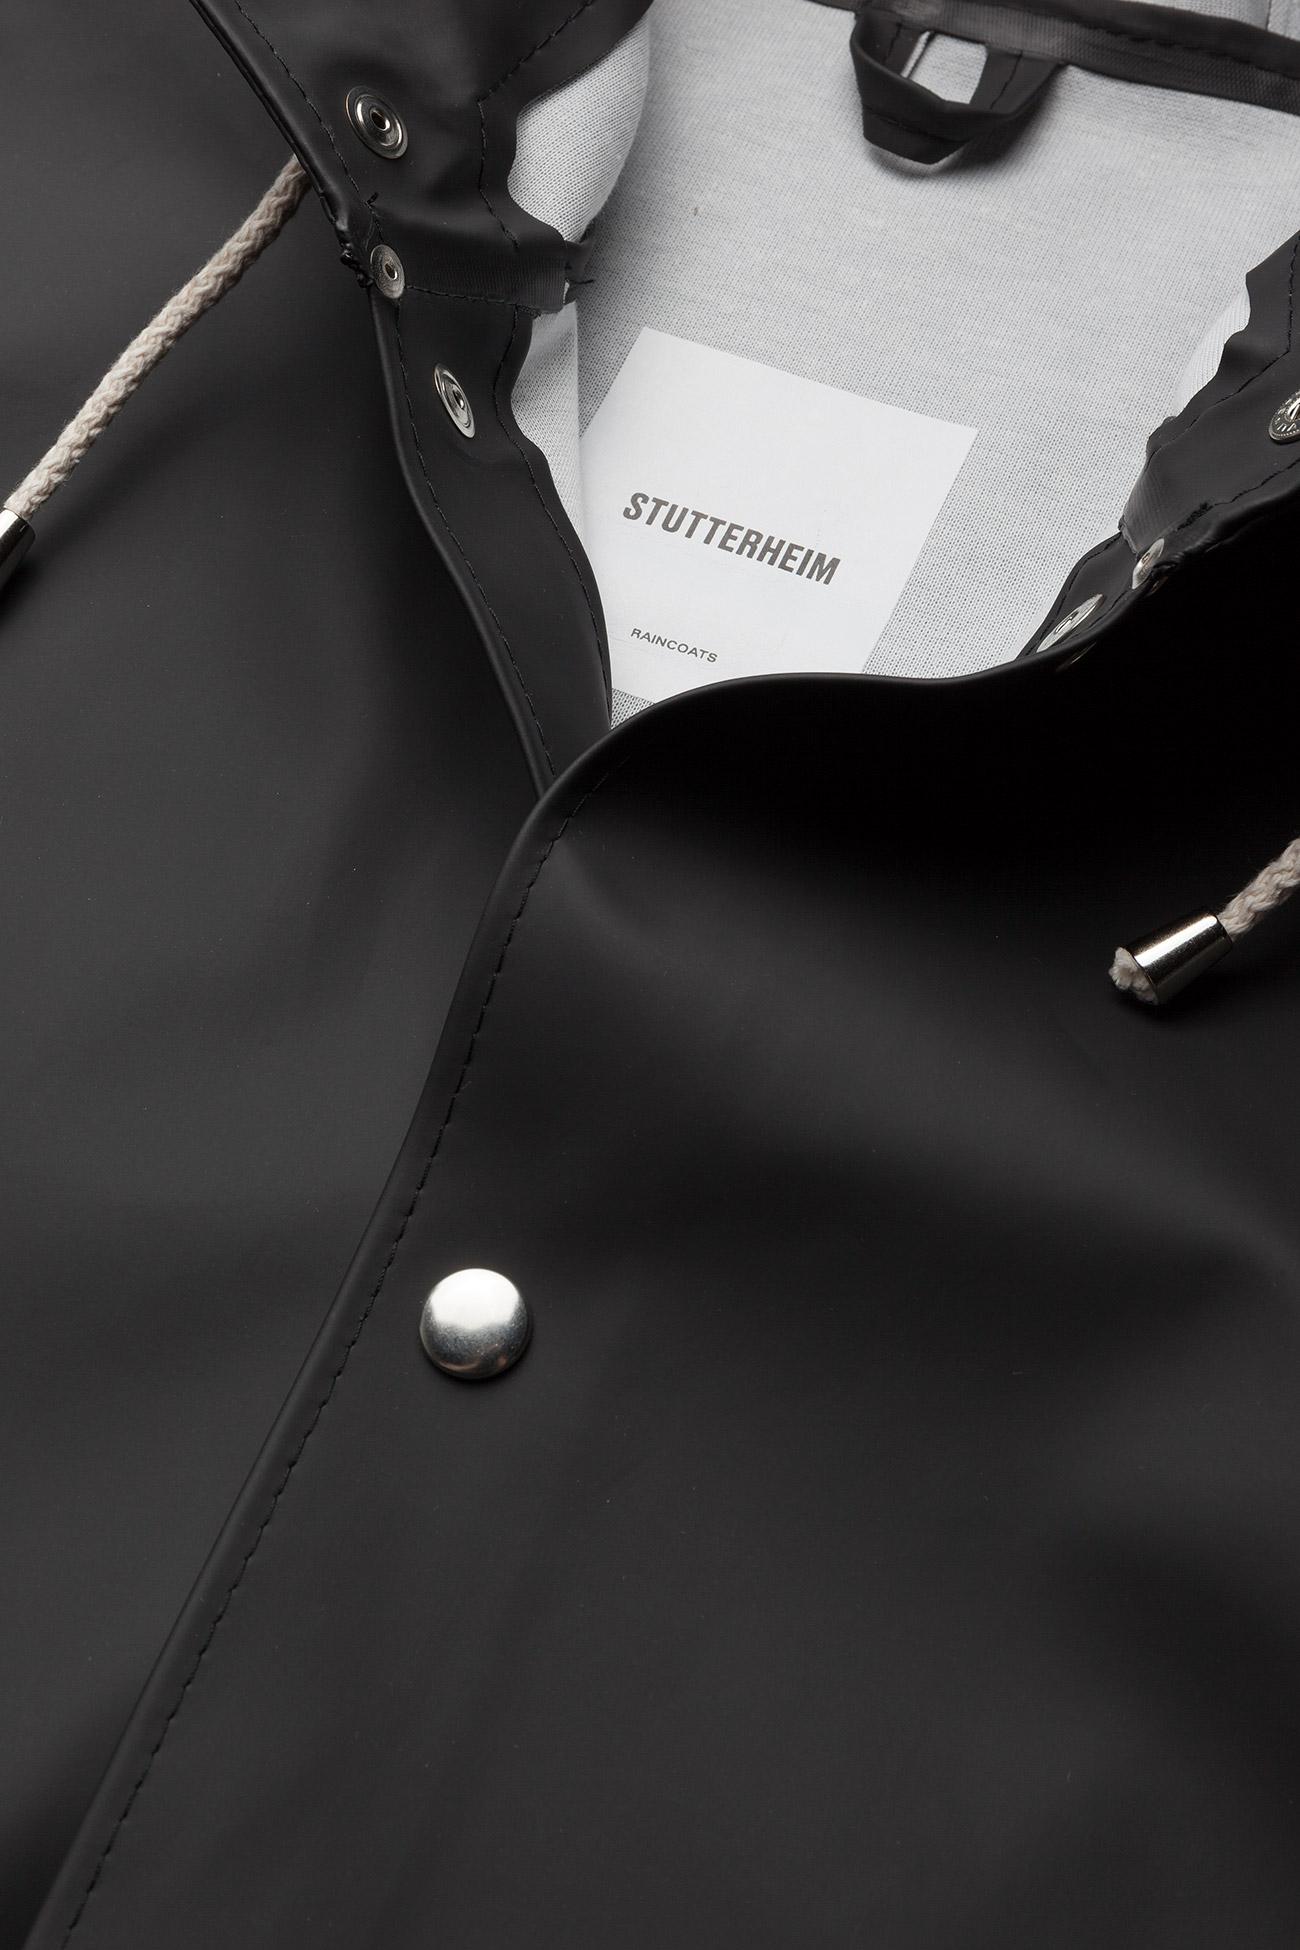 Stutterheim Stockholm - Jakker og kåper BLACK - Dameklær Spesialtilbud